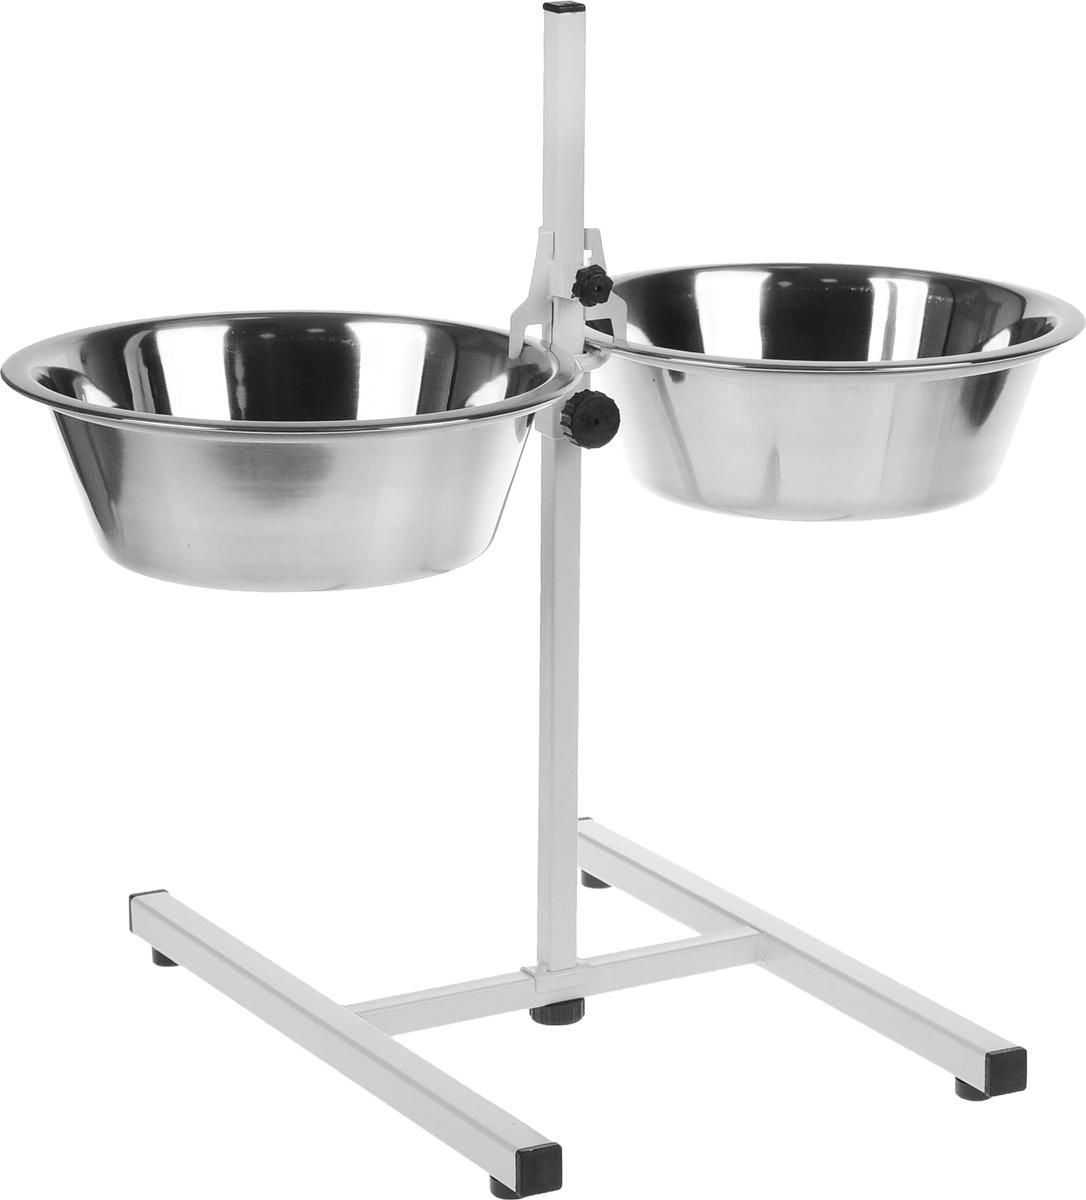 Подставка для кормления животных  Мухтар-1 , 2 х 1,75 л - Аксессуары для кормления